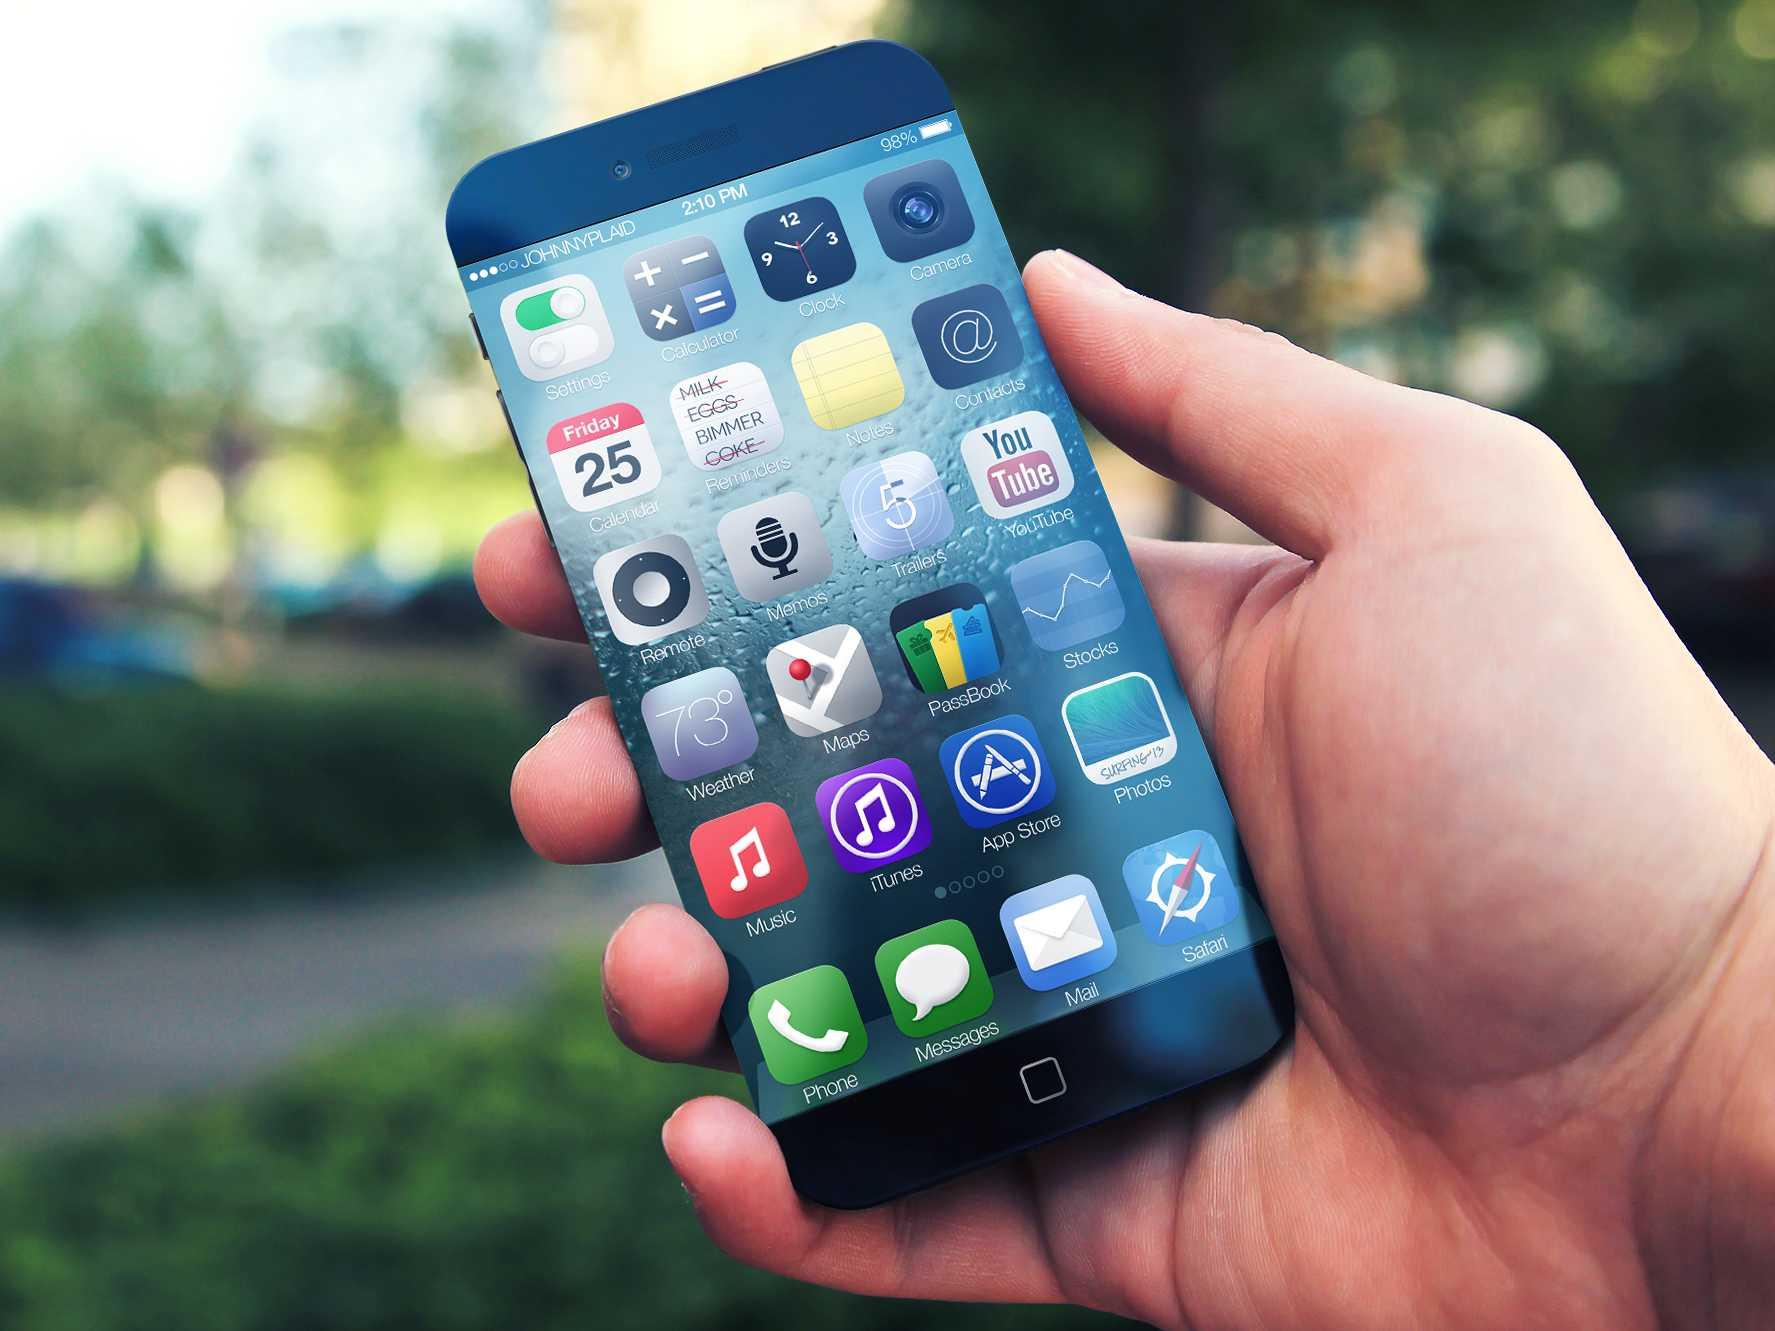 image001 - Apple iPad Air sẽ có nâng cấp chip A8 và Touch ID trong 2014